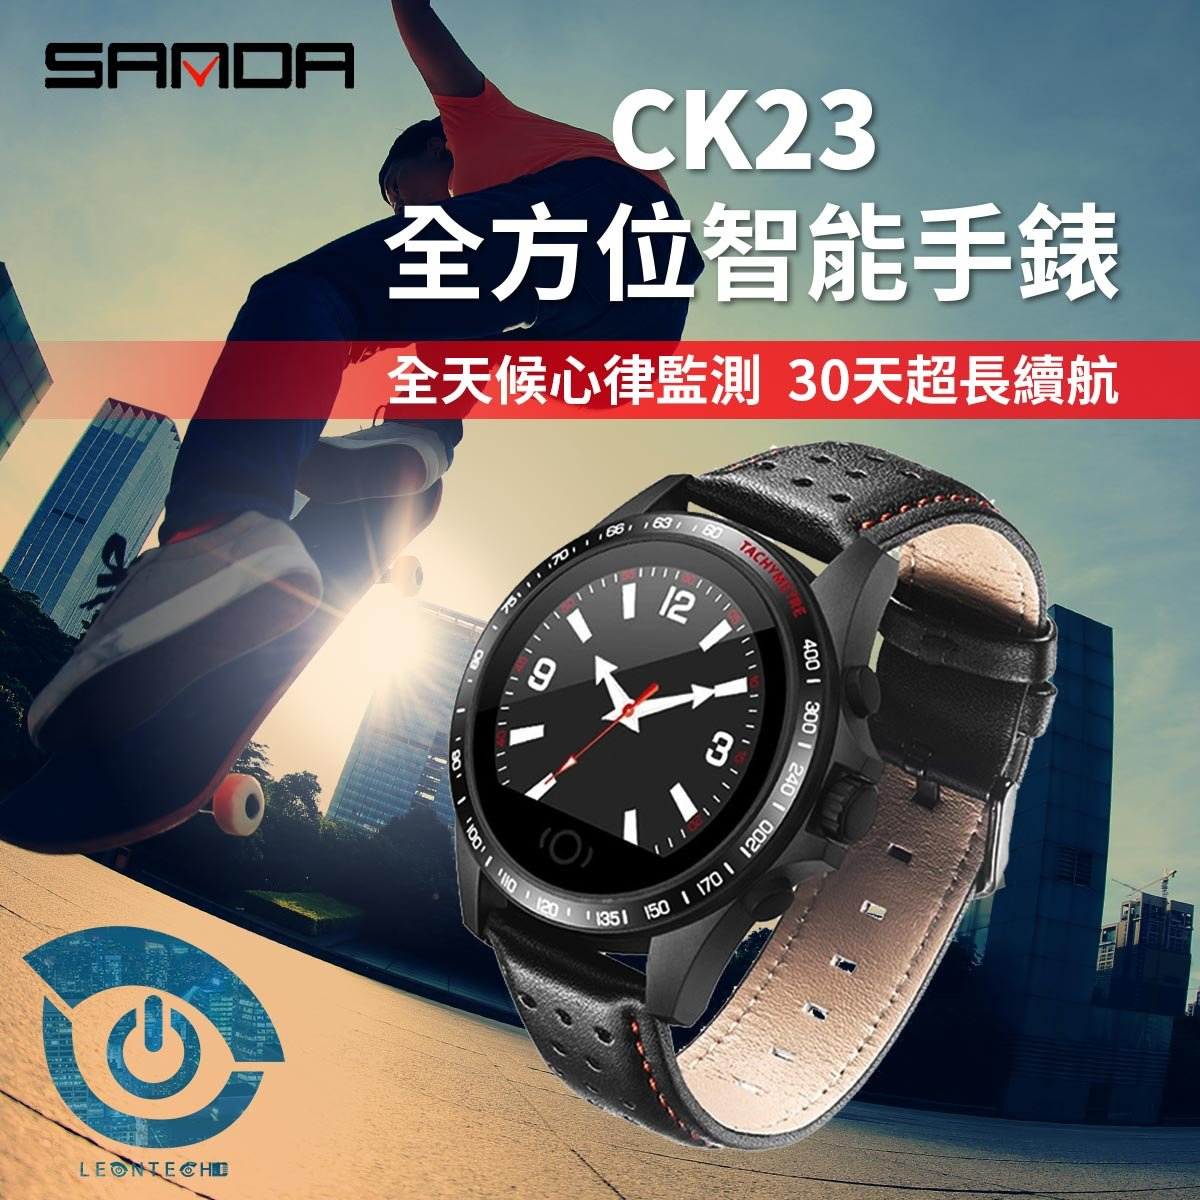 SDWatch CK23 智能手錶 睡眠檢測 9種運動模式 訊息提醒 加贈運動錶帶